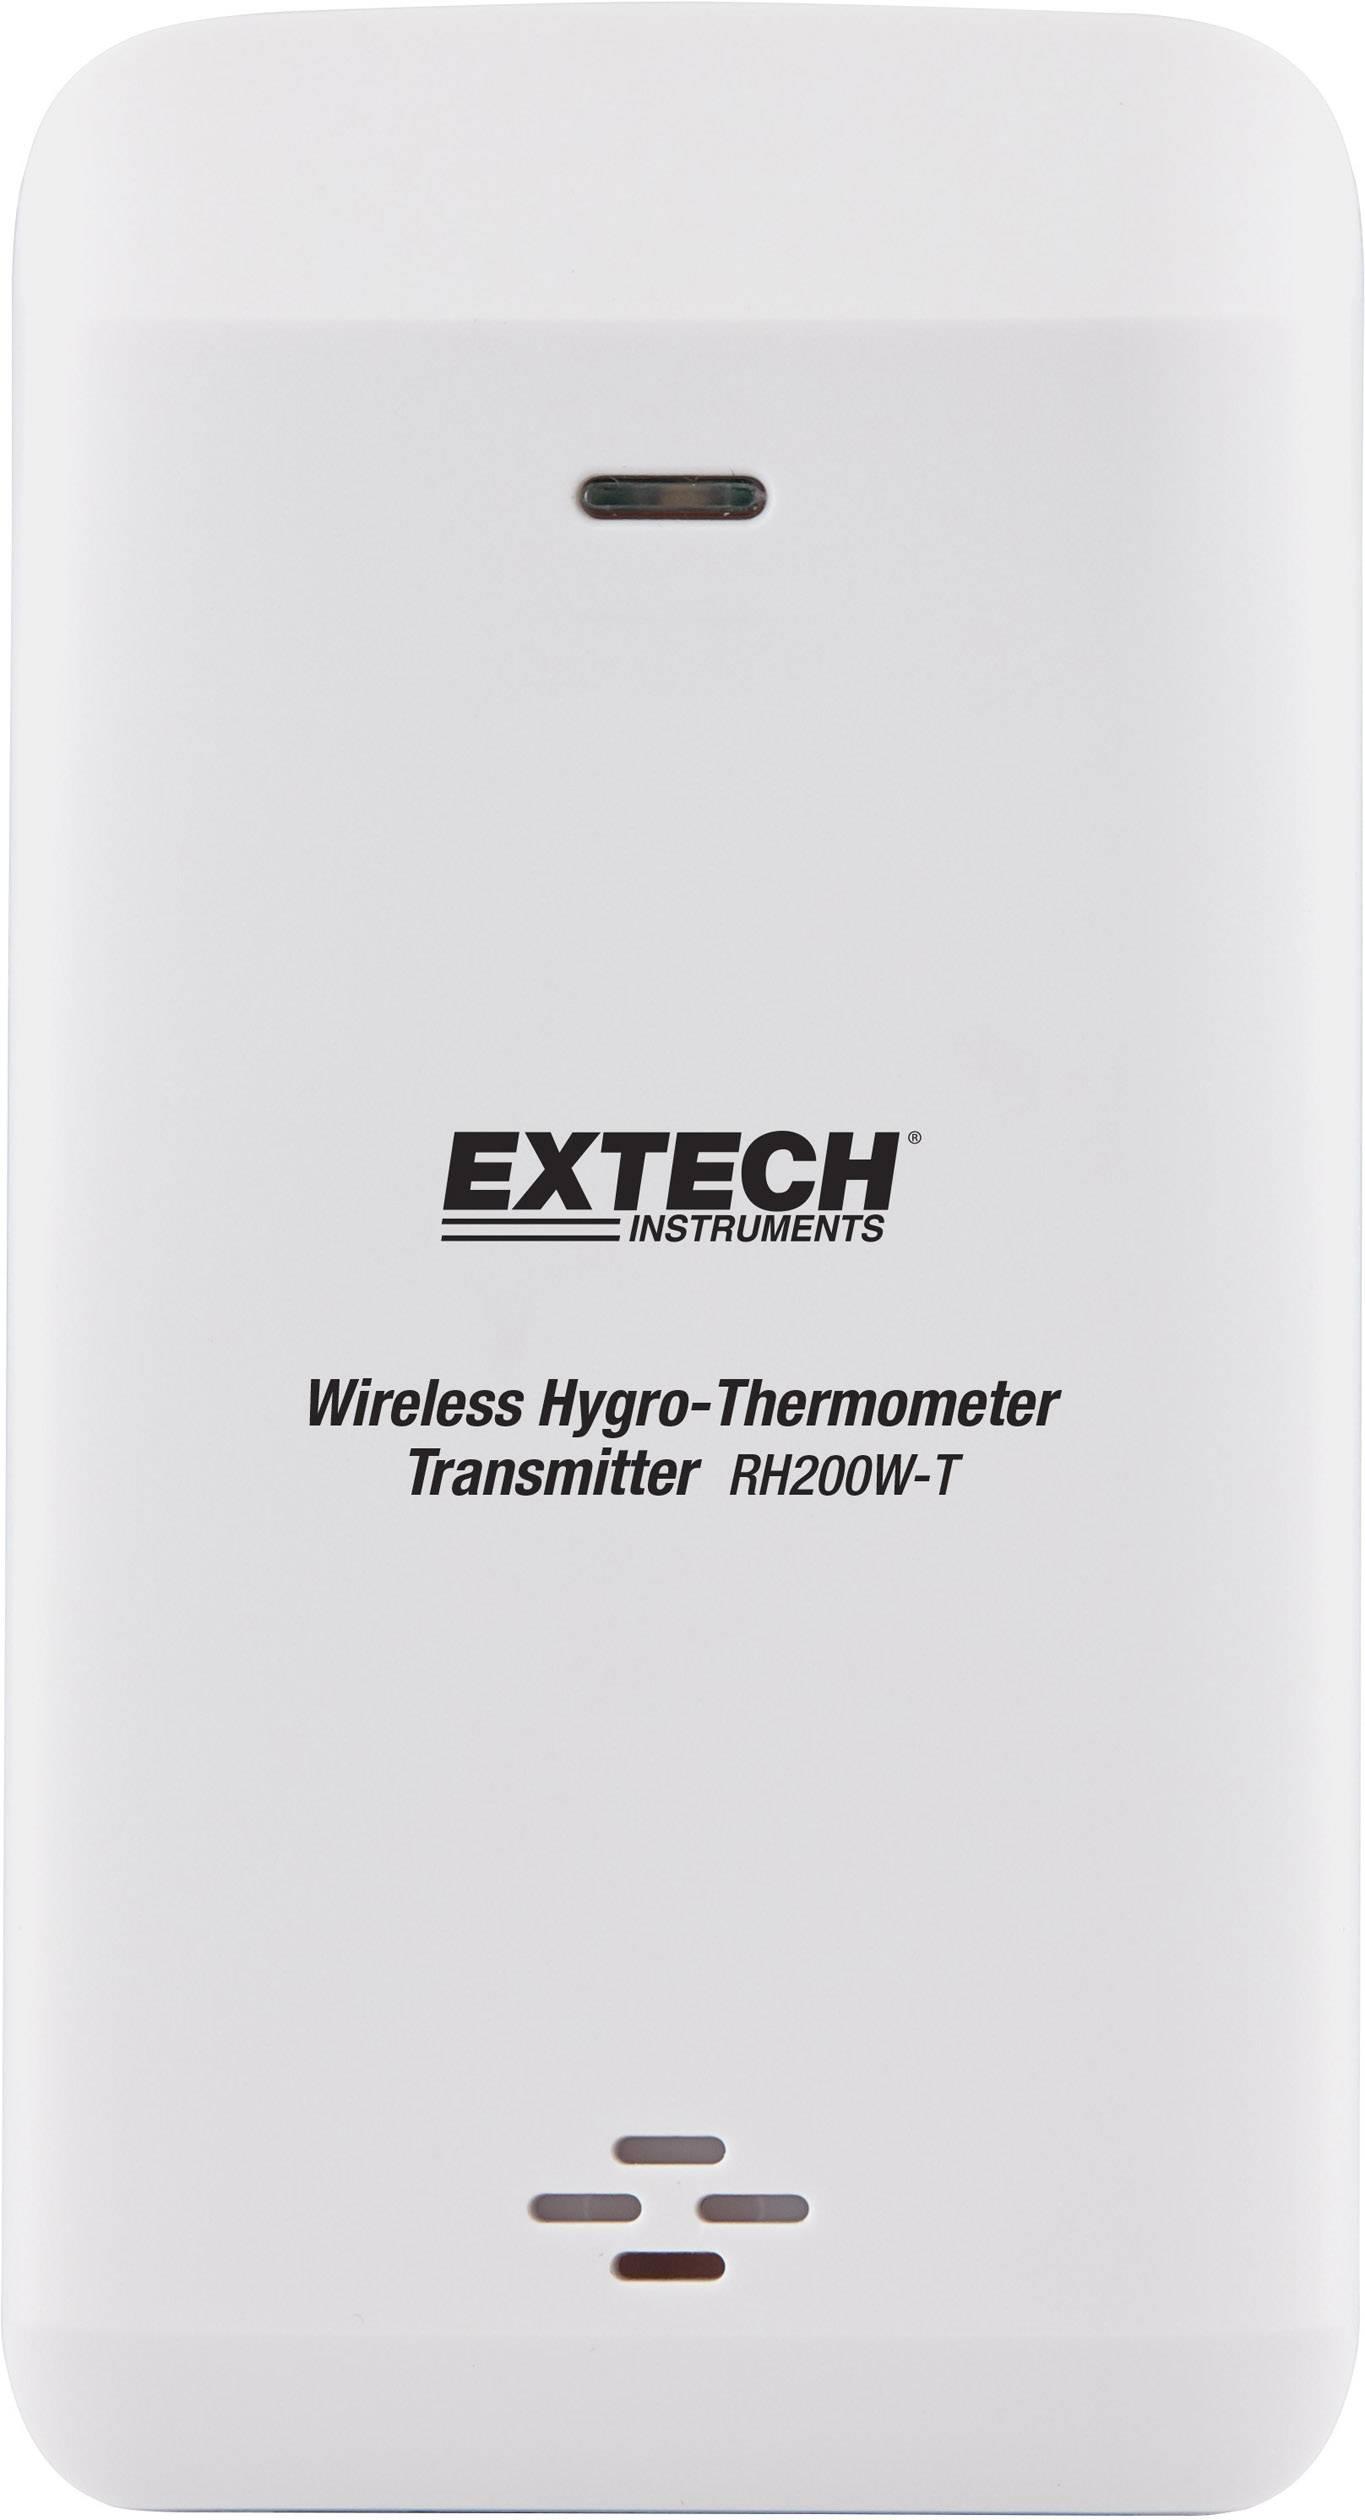 Extech RH200W-T